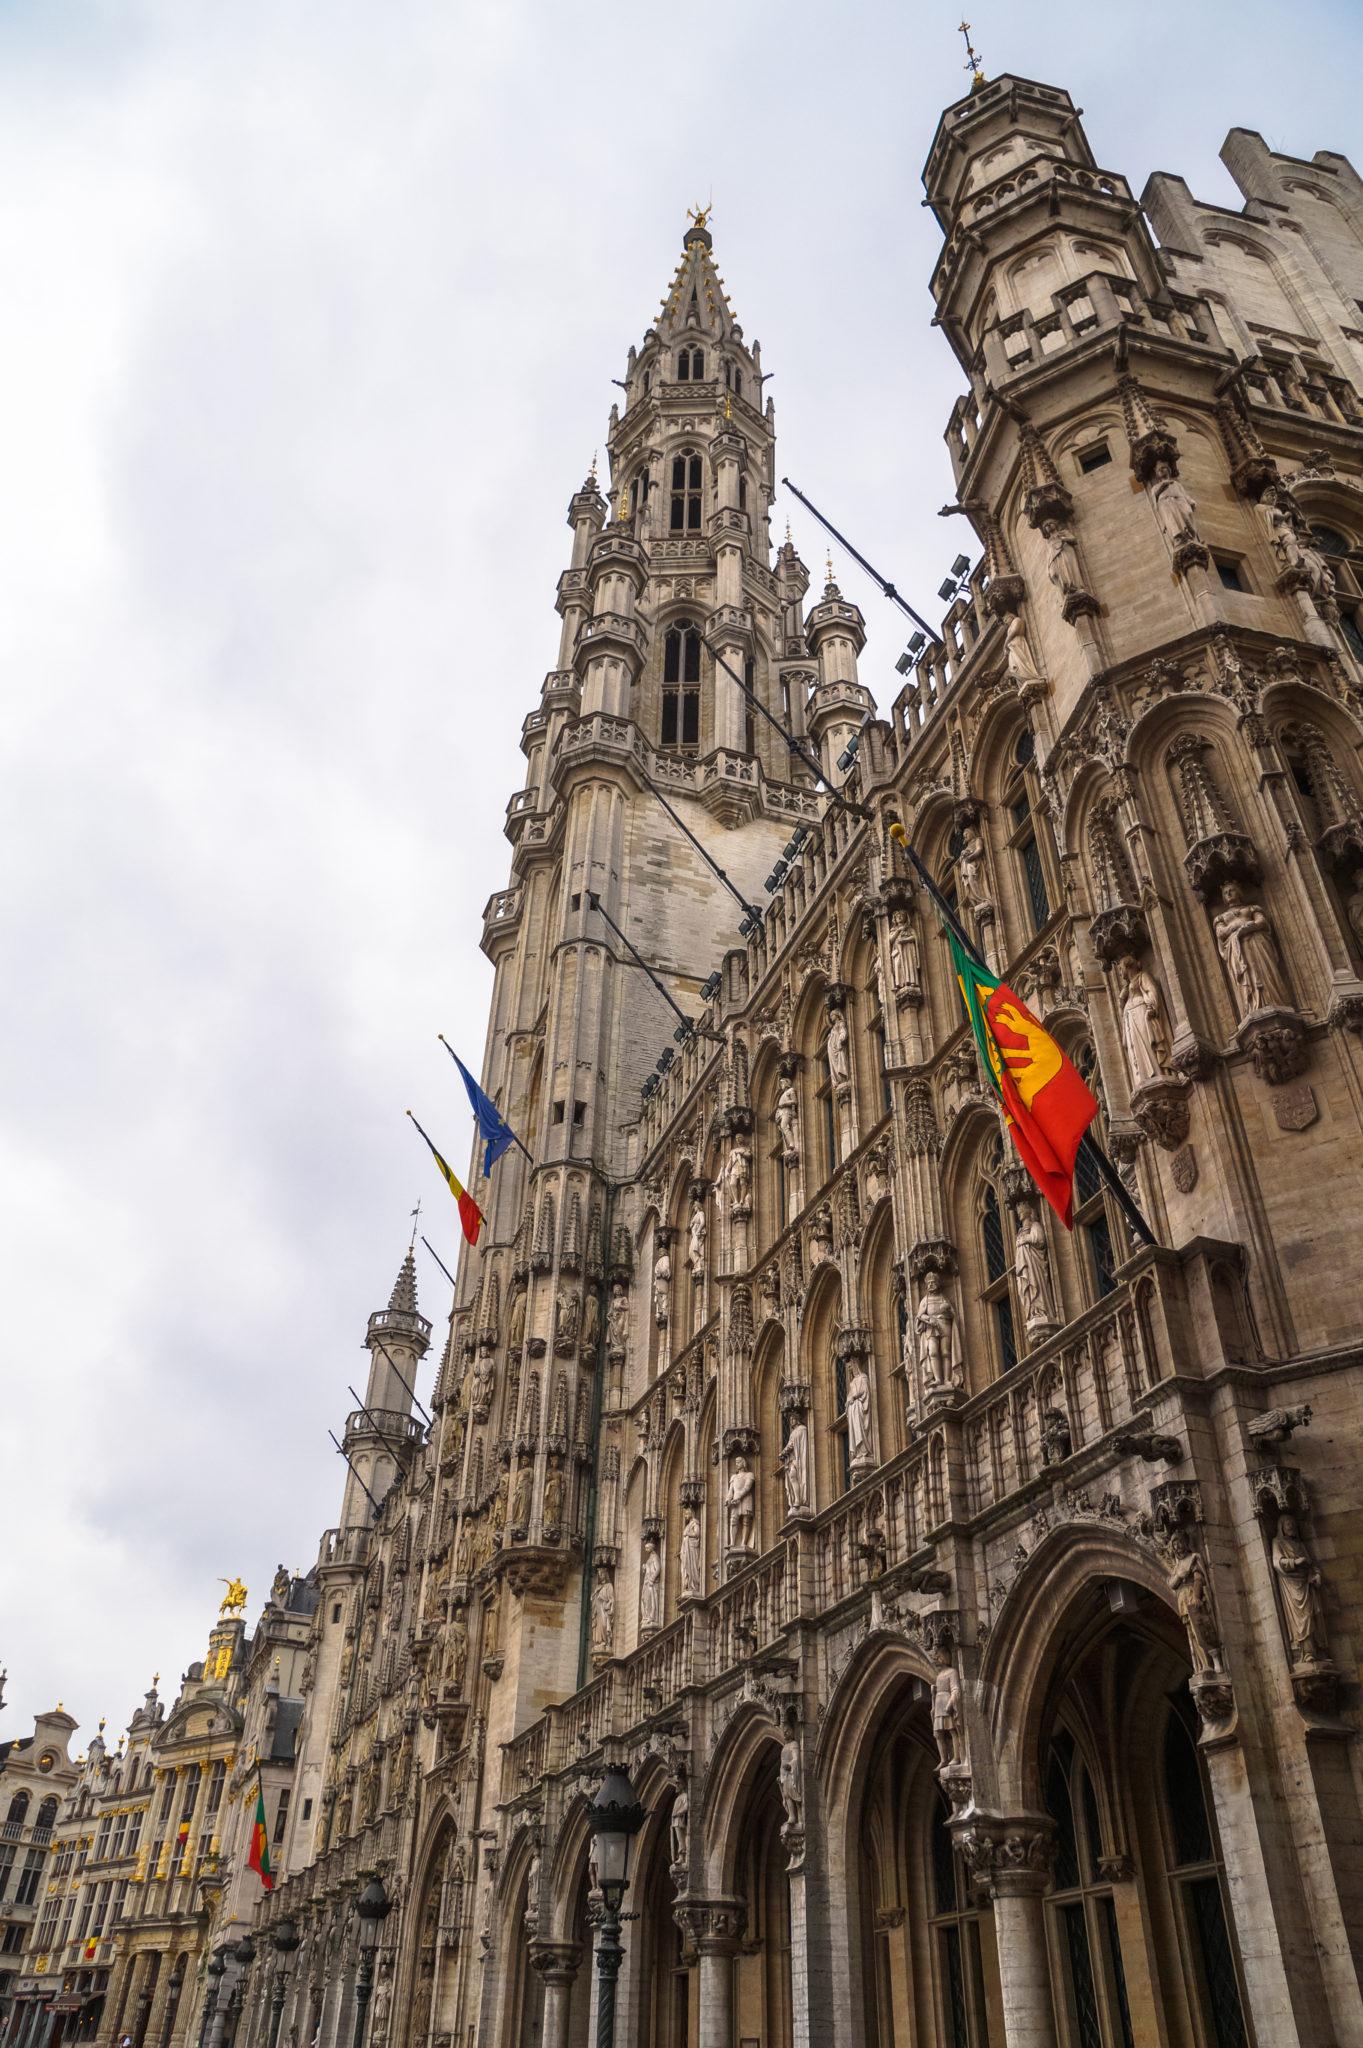 Hema_Bruxelles_Mairie